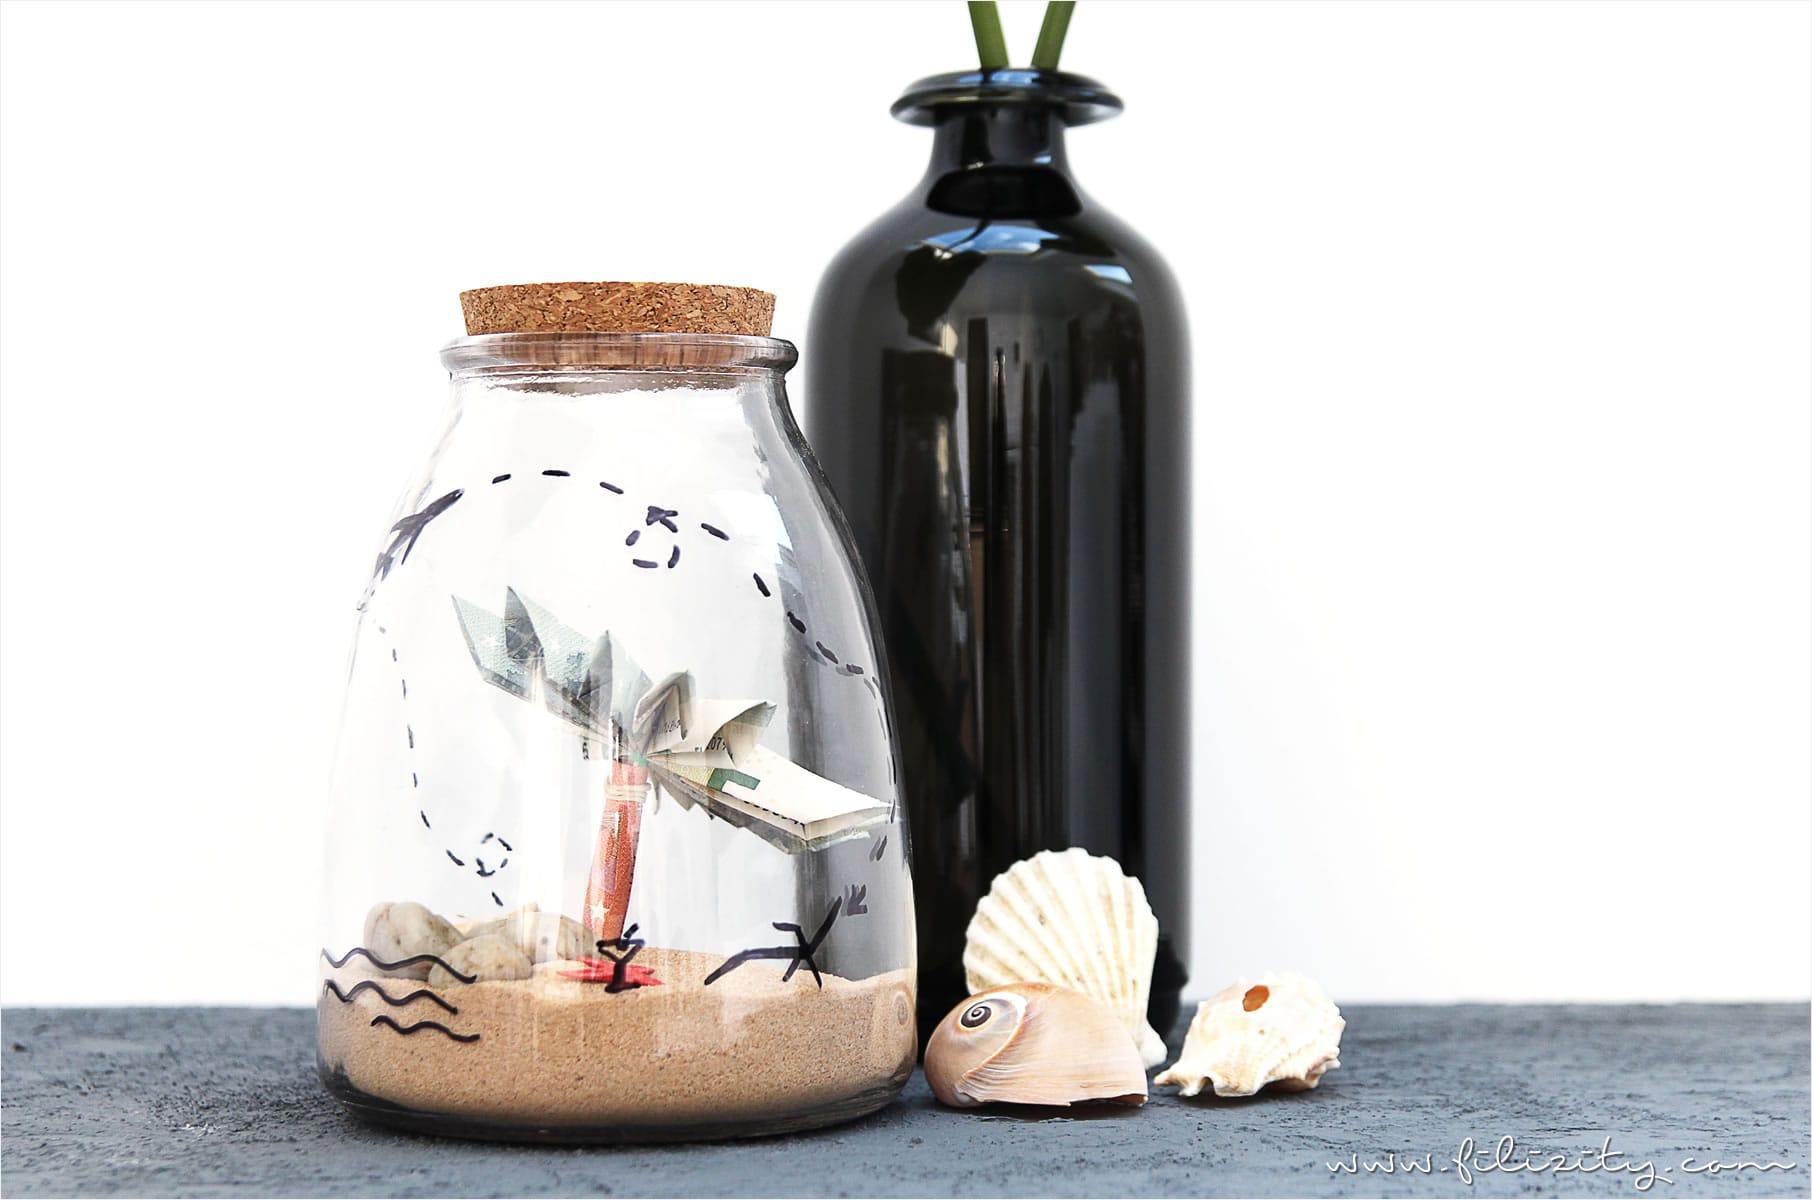 geldgeschenke pers nlich und kreativ verpacken wie w r 39 s mit einem reiseglas f r den zuschuss. Black Bedroom Furniture Sets. Home Design Ideas